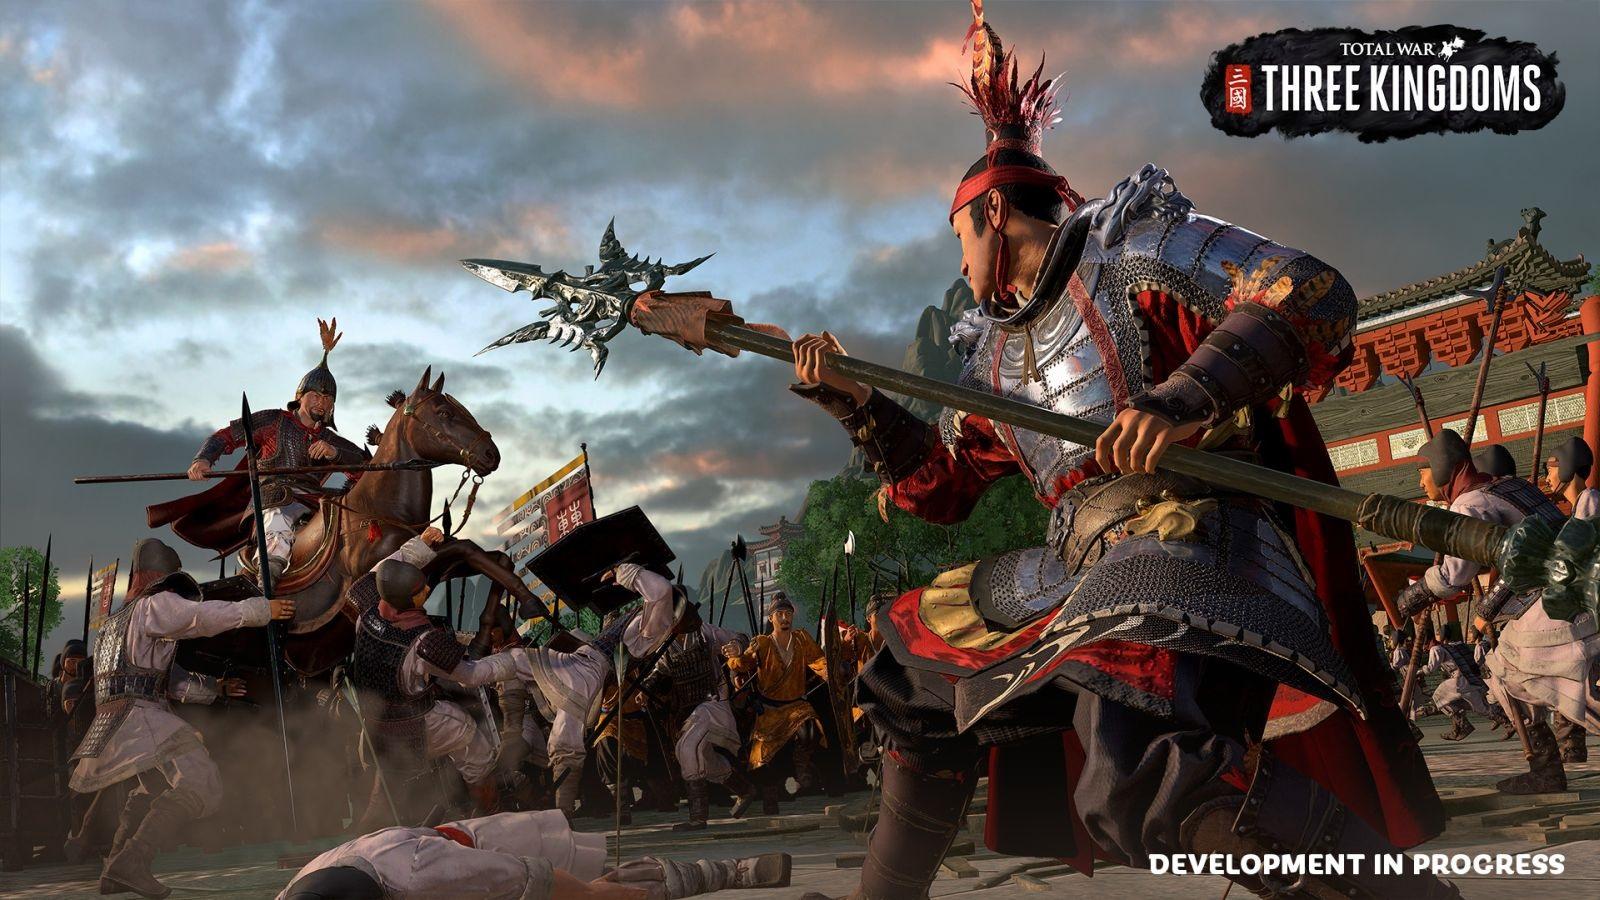 Nejočekávanější hry v roce 2019; Total War: Three Kingdoms, screenshot: duel